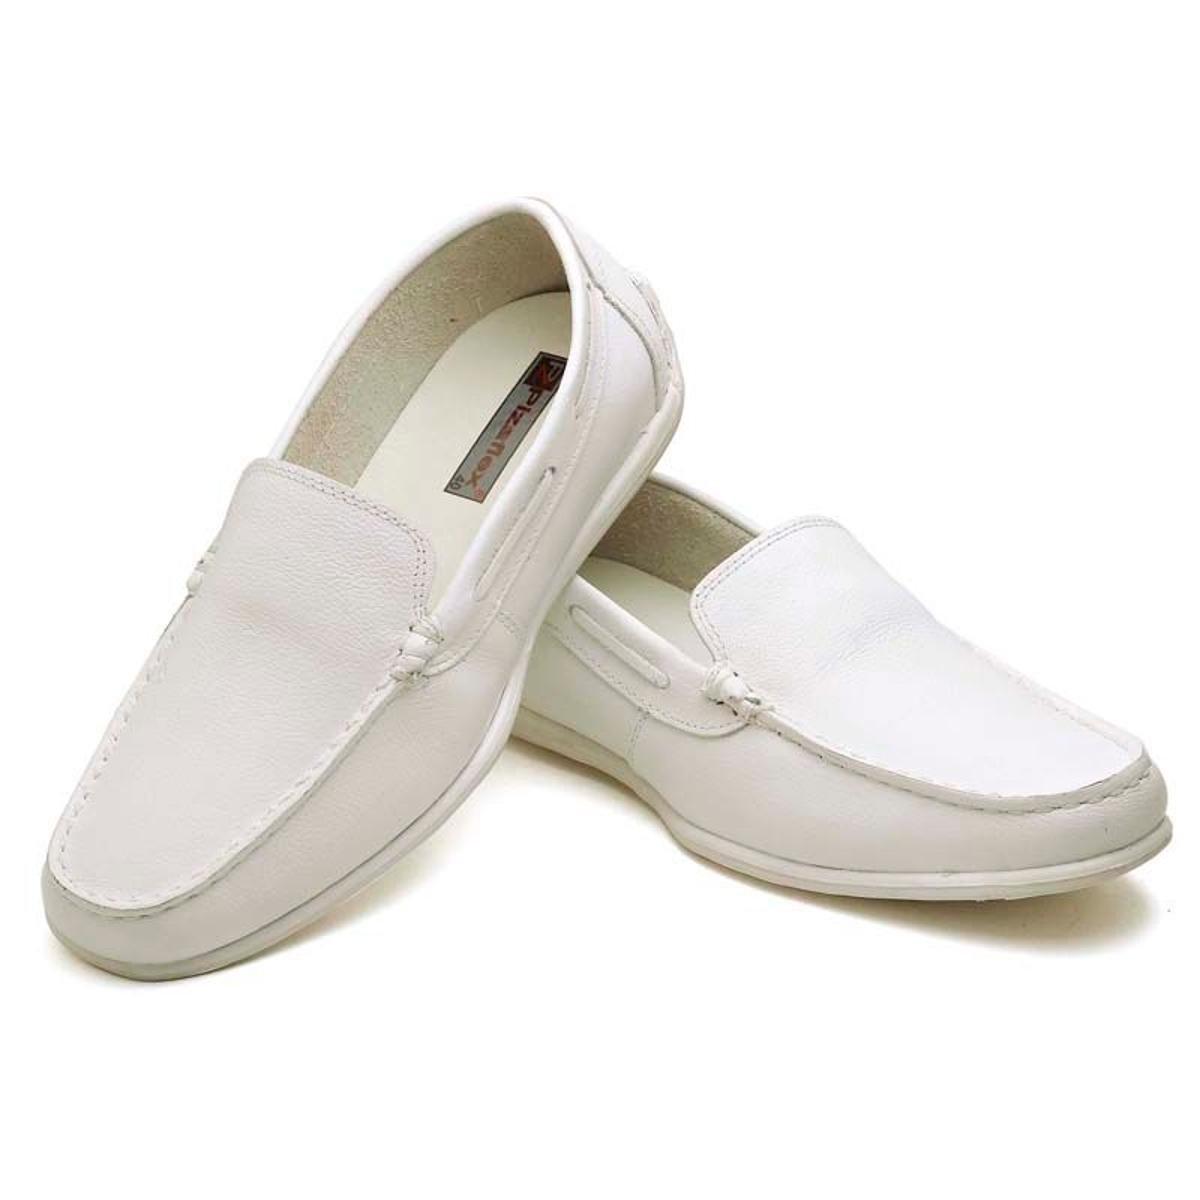 Casual Casual Branco Branco Franca Mocassim Mocassim Top Shoes Mocassim Franca Shoes Top rv7vwqI